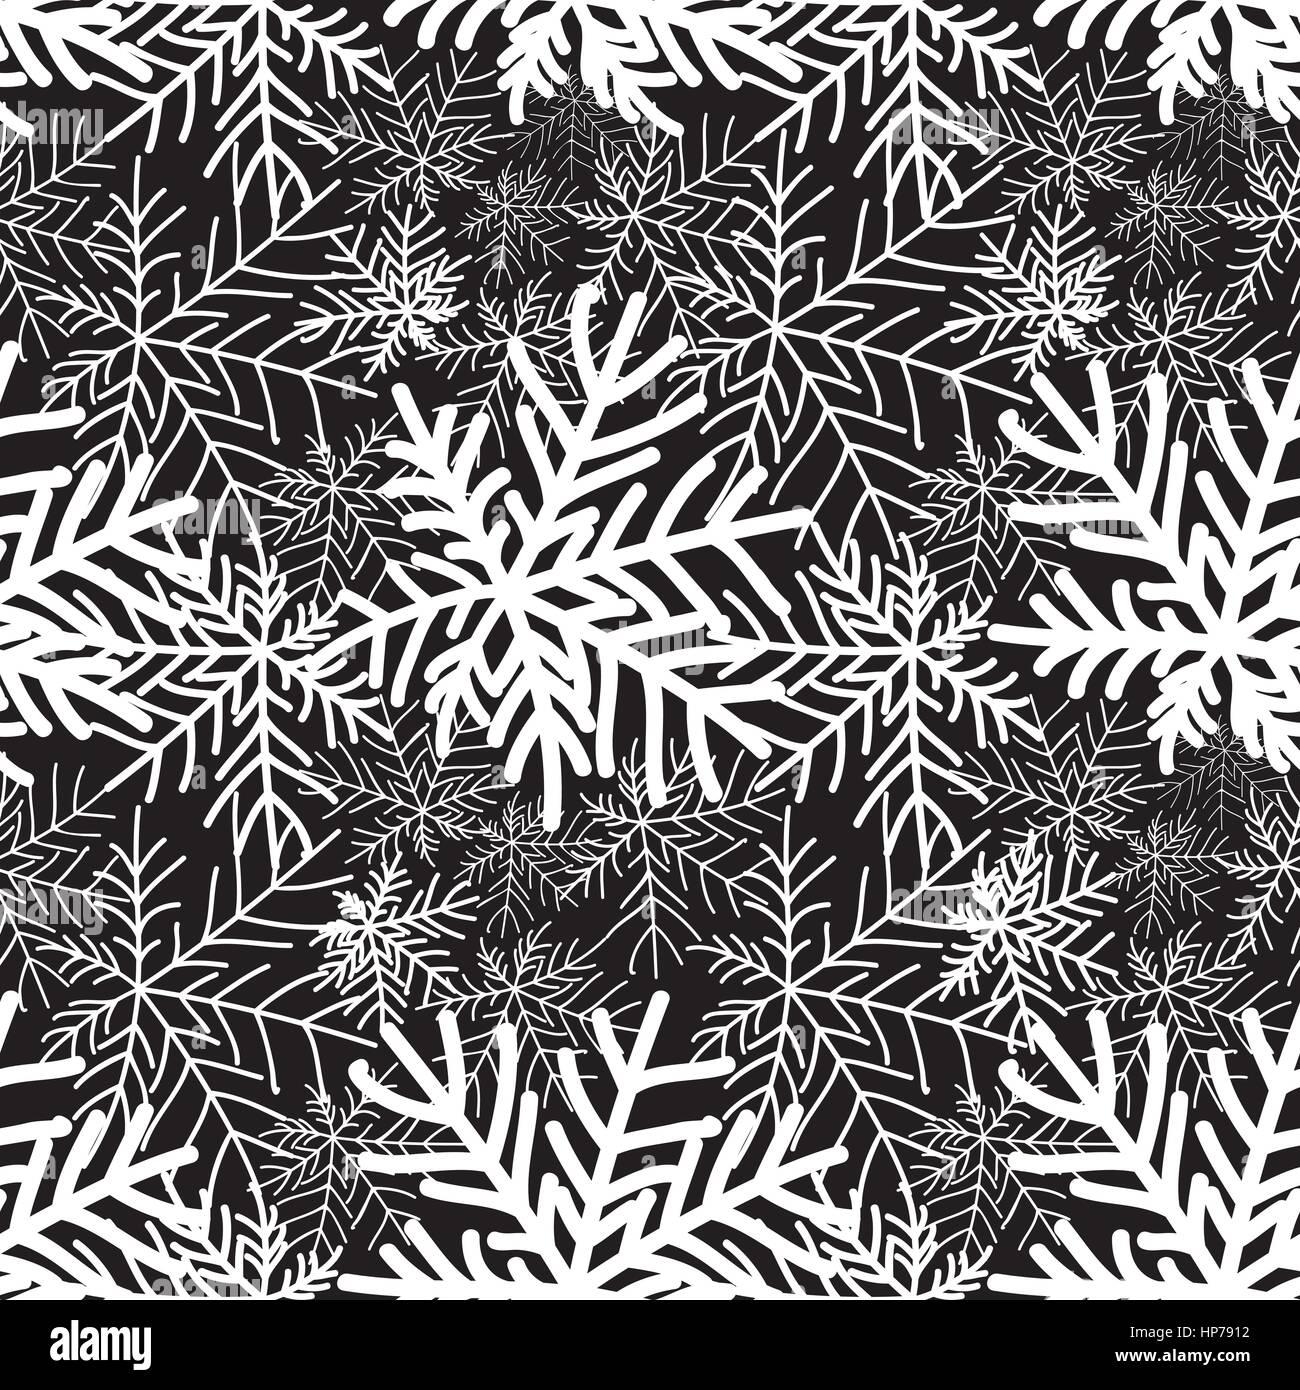 Hiver Abstrait Noir Et Blanc Motif Floral Seamless Texture Foret